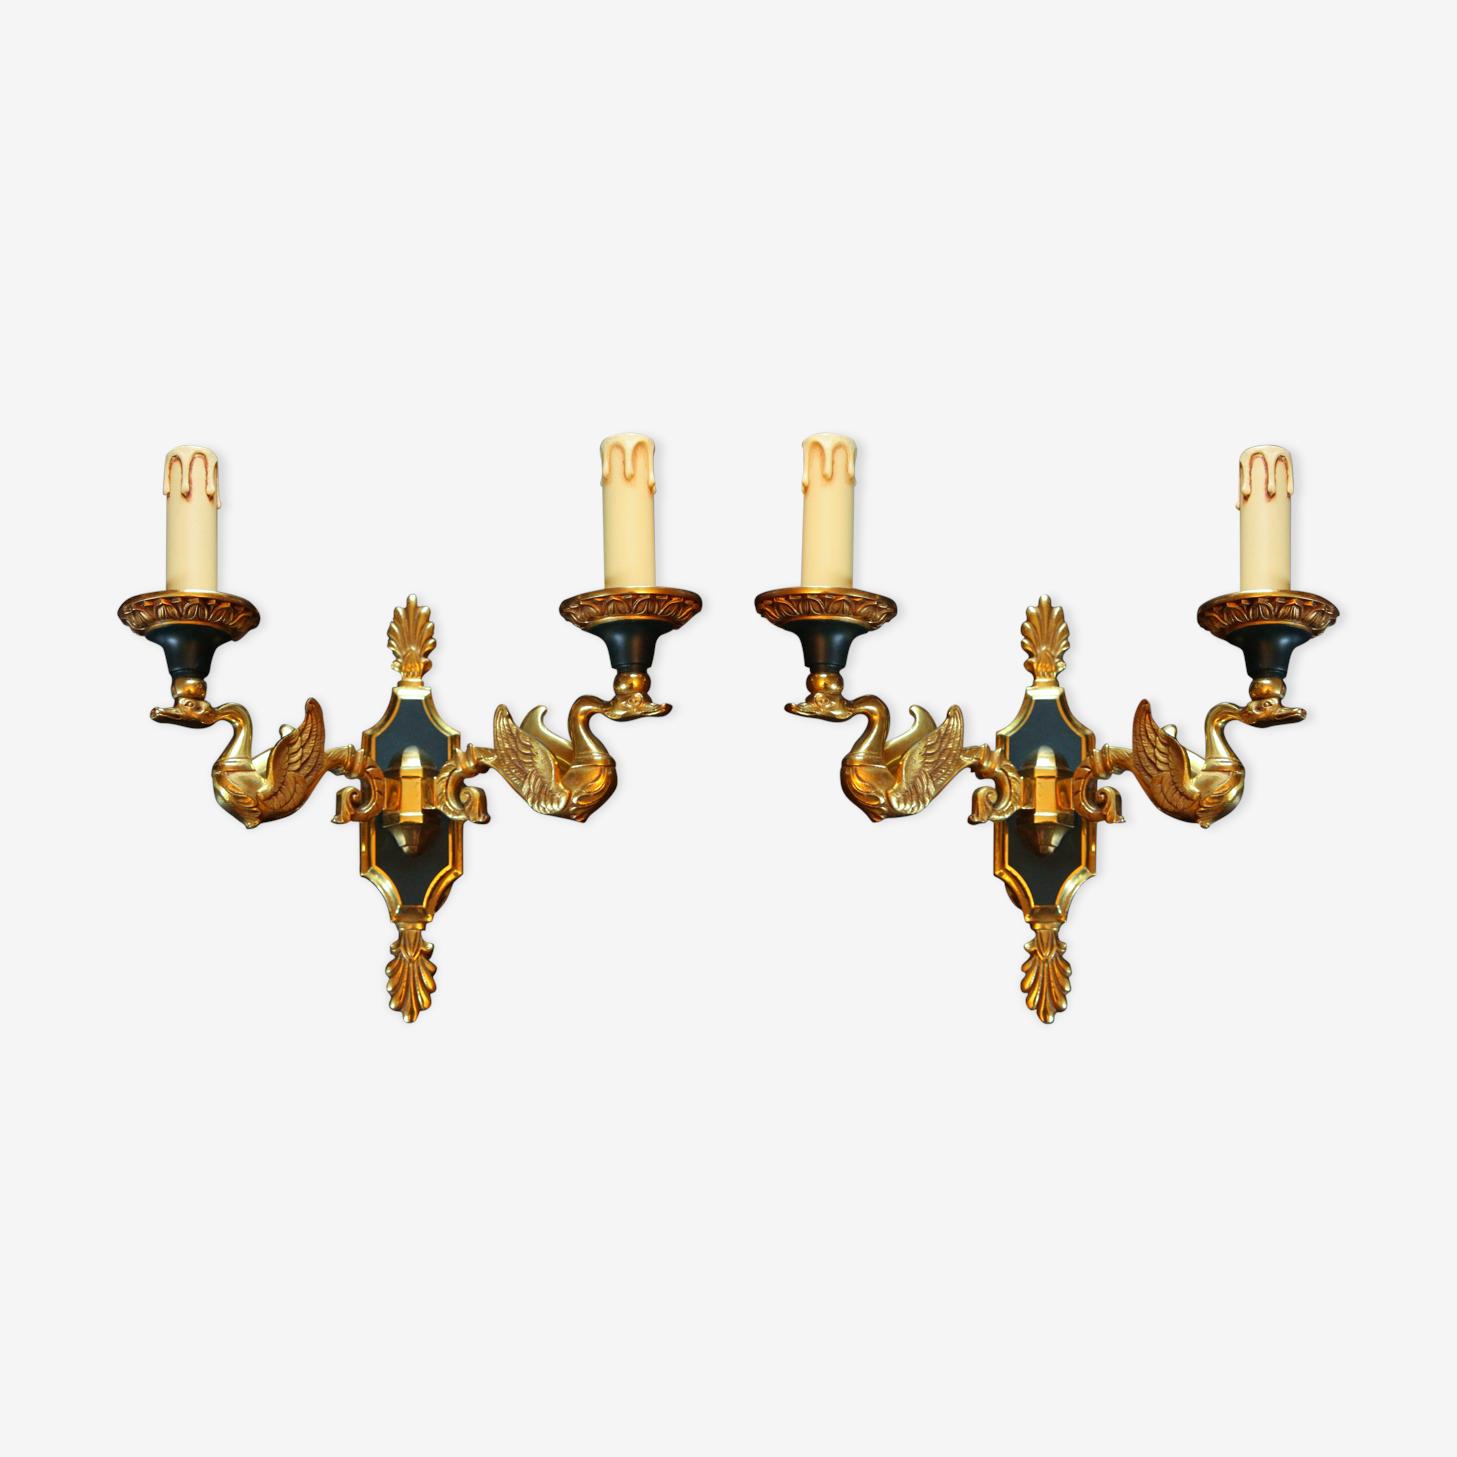 Appliques en bronze doré de style empire par Lucien Gau Paris